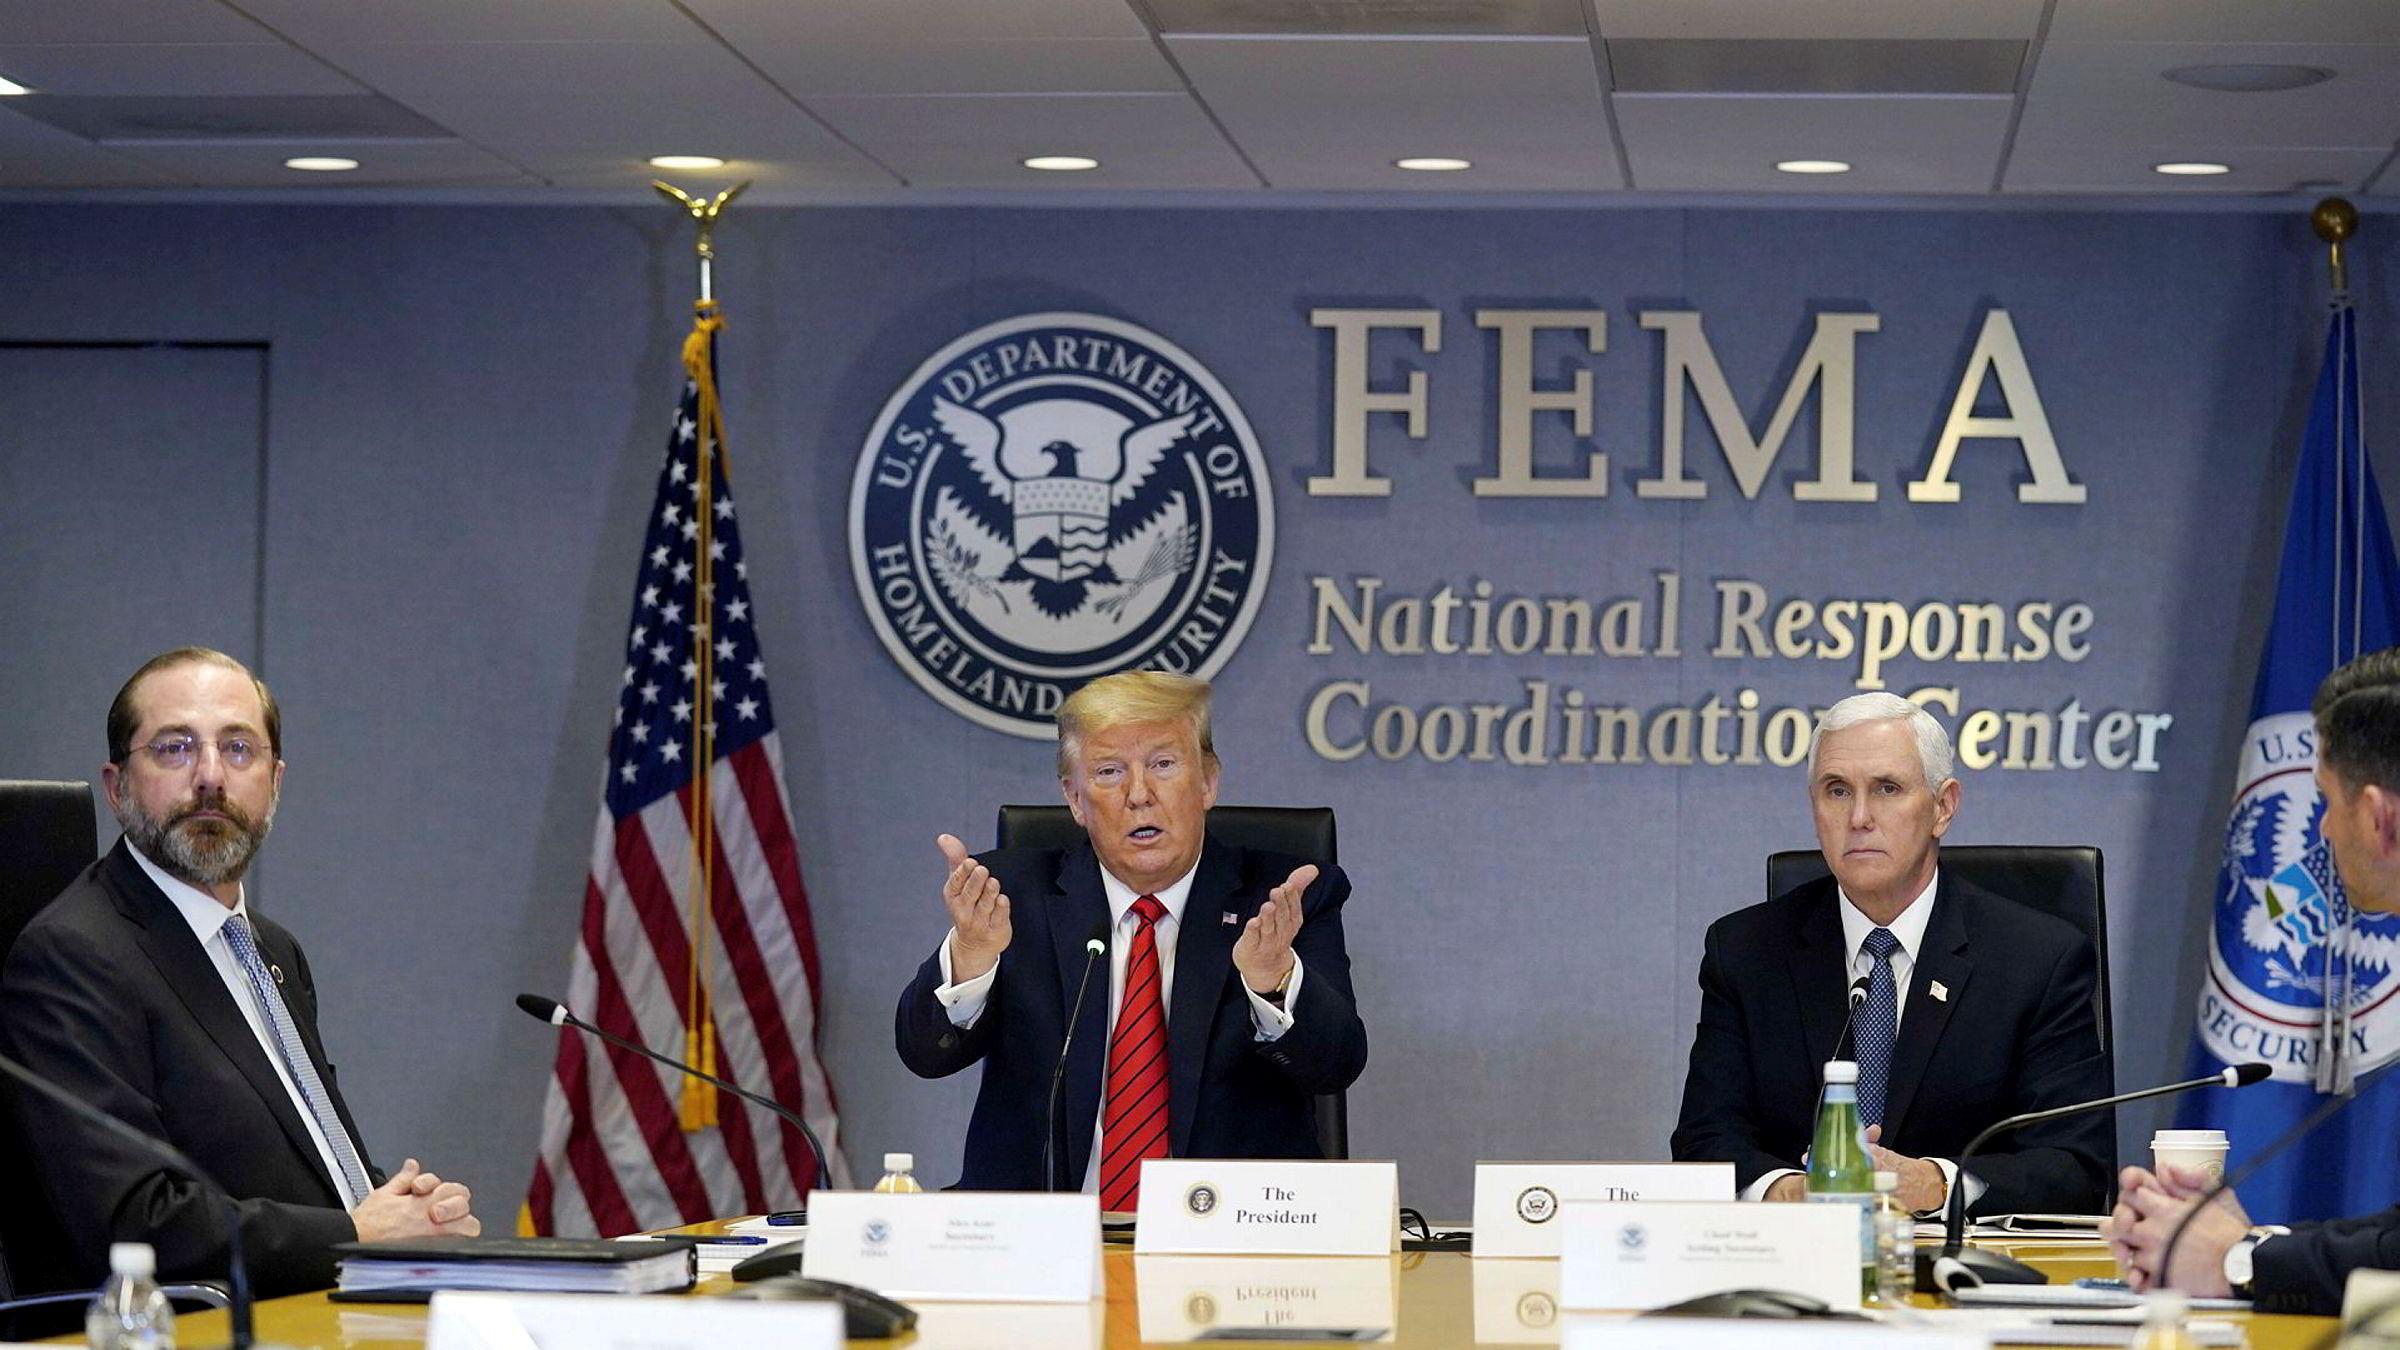 Donald Trump har insistert på at han hadde full kontroll, at han selv var nær ekspert på feltet, og at korona snart ville forsvinne som ved «et mirakel». Mandag var det brått slutt. Her sammen med helseminister Alex Azar (til venstre) og visepresident Mike Pence.